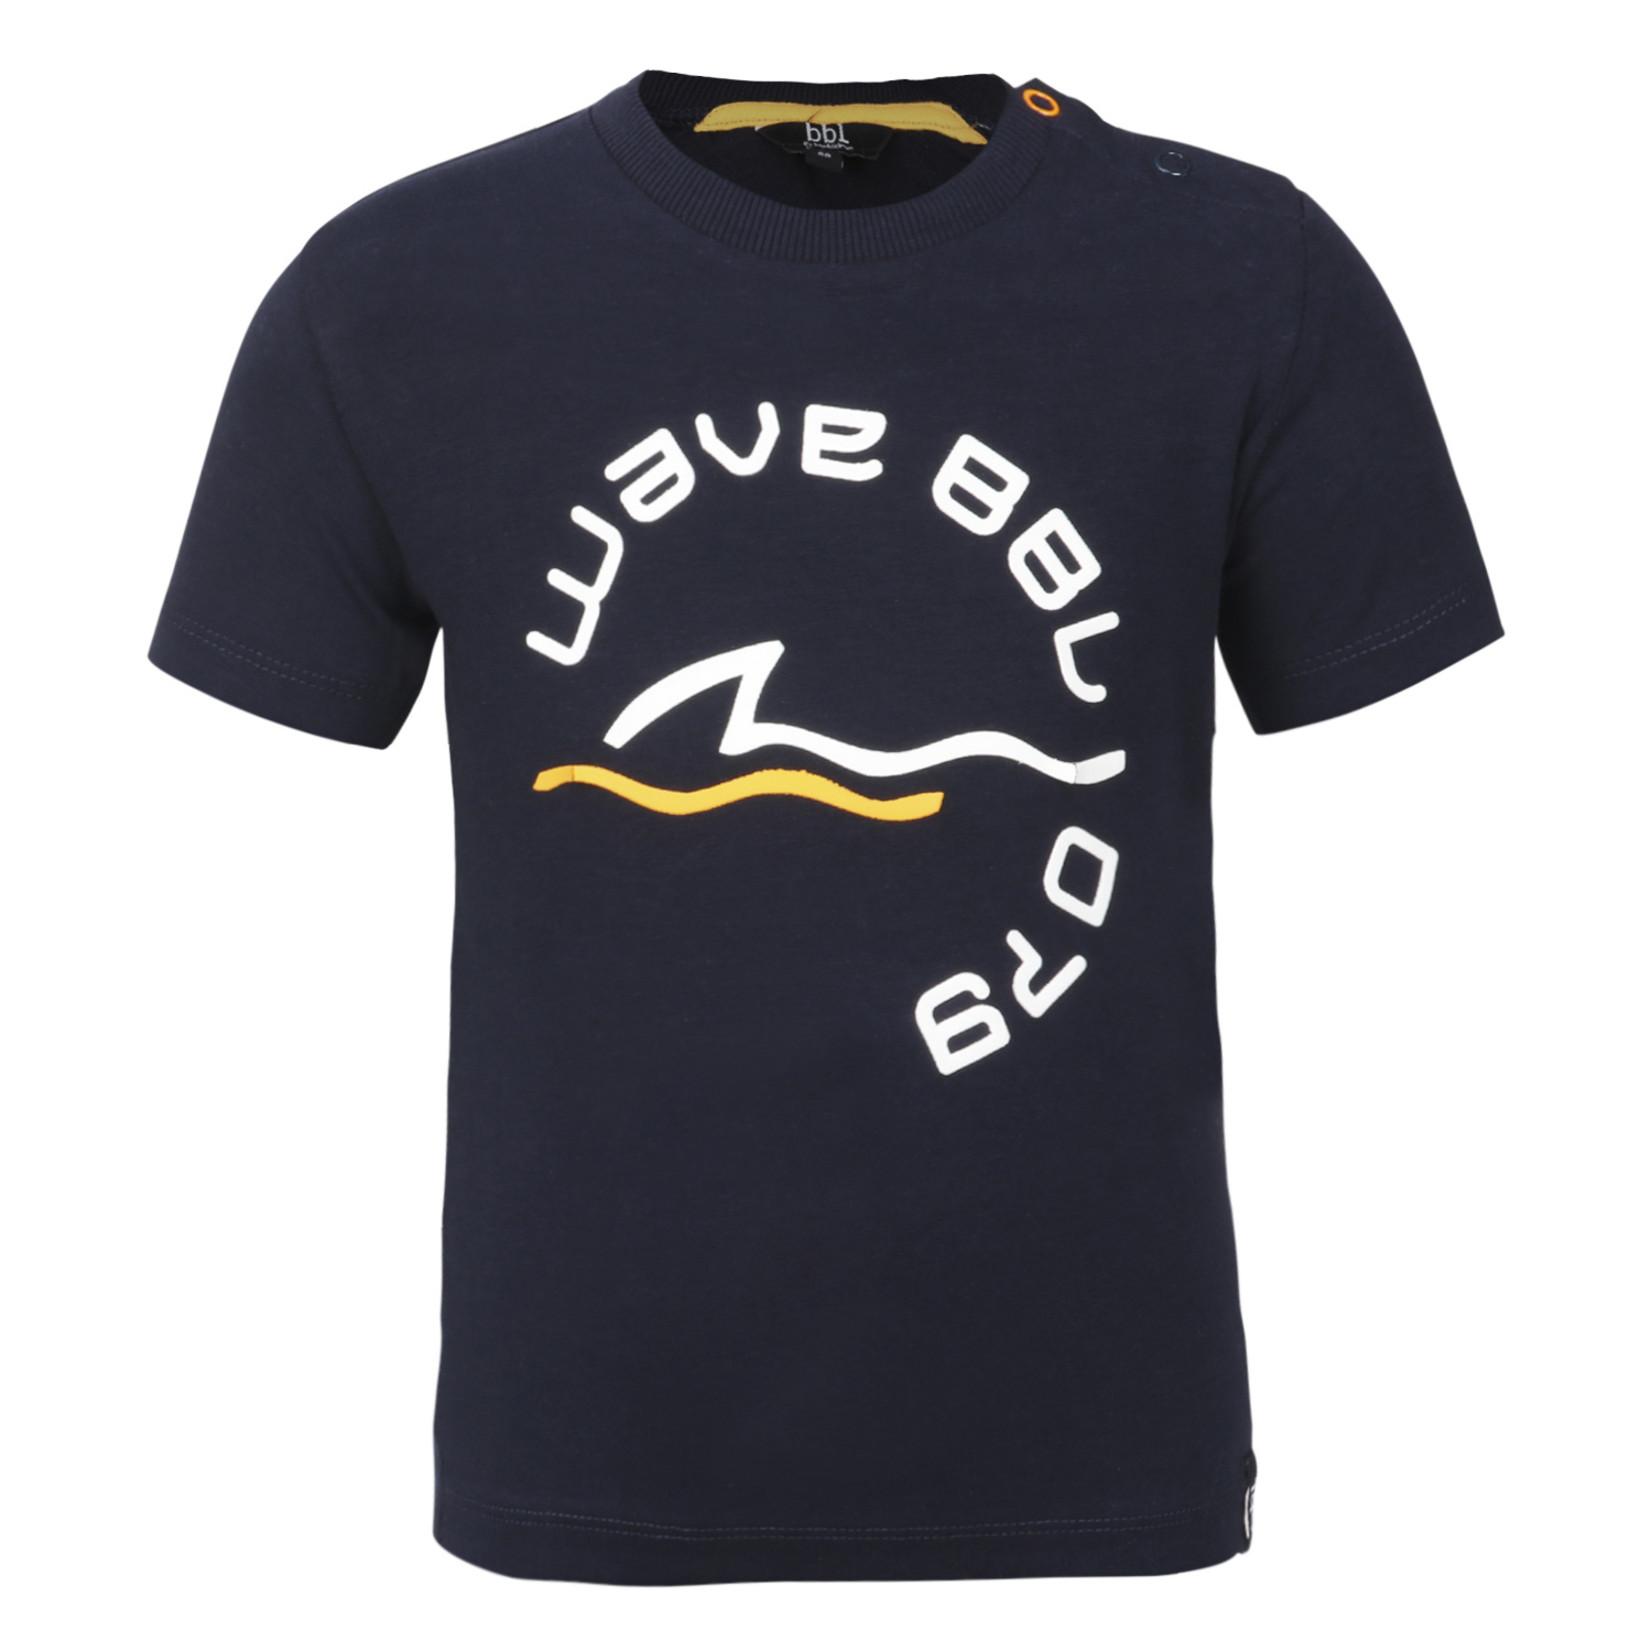 T-shirt bbl 2603